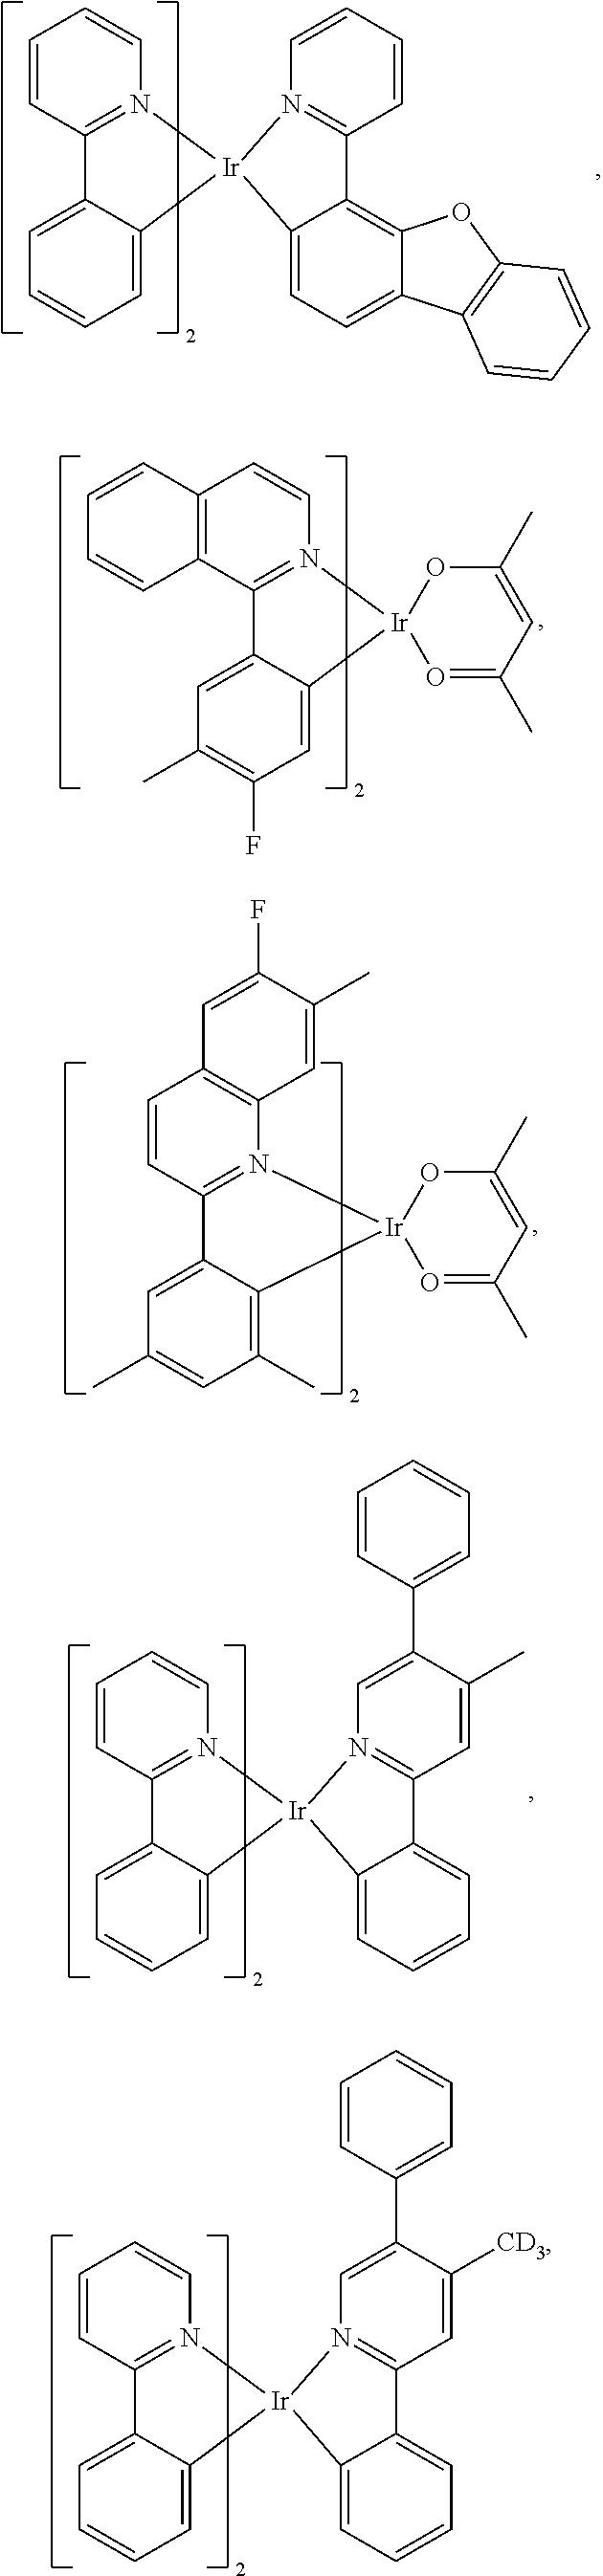 Figure US09978956-20180522-C00085